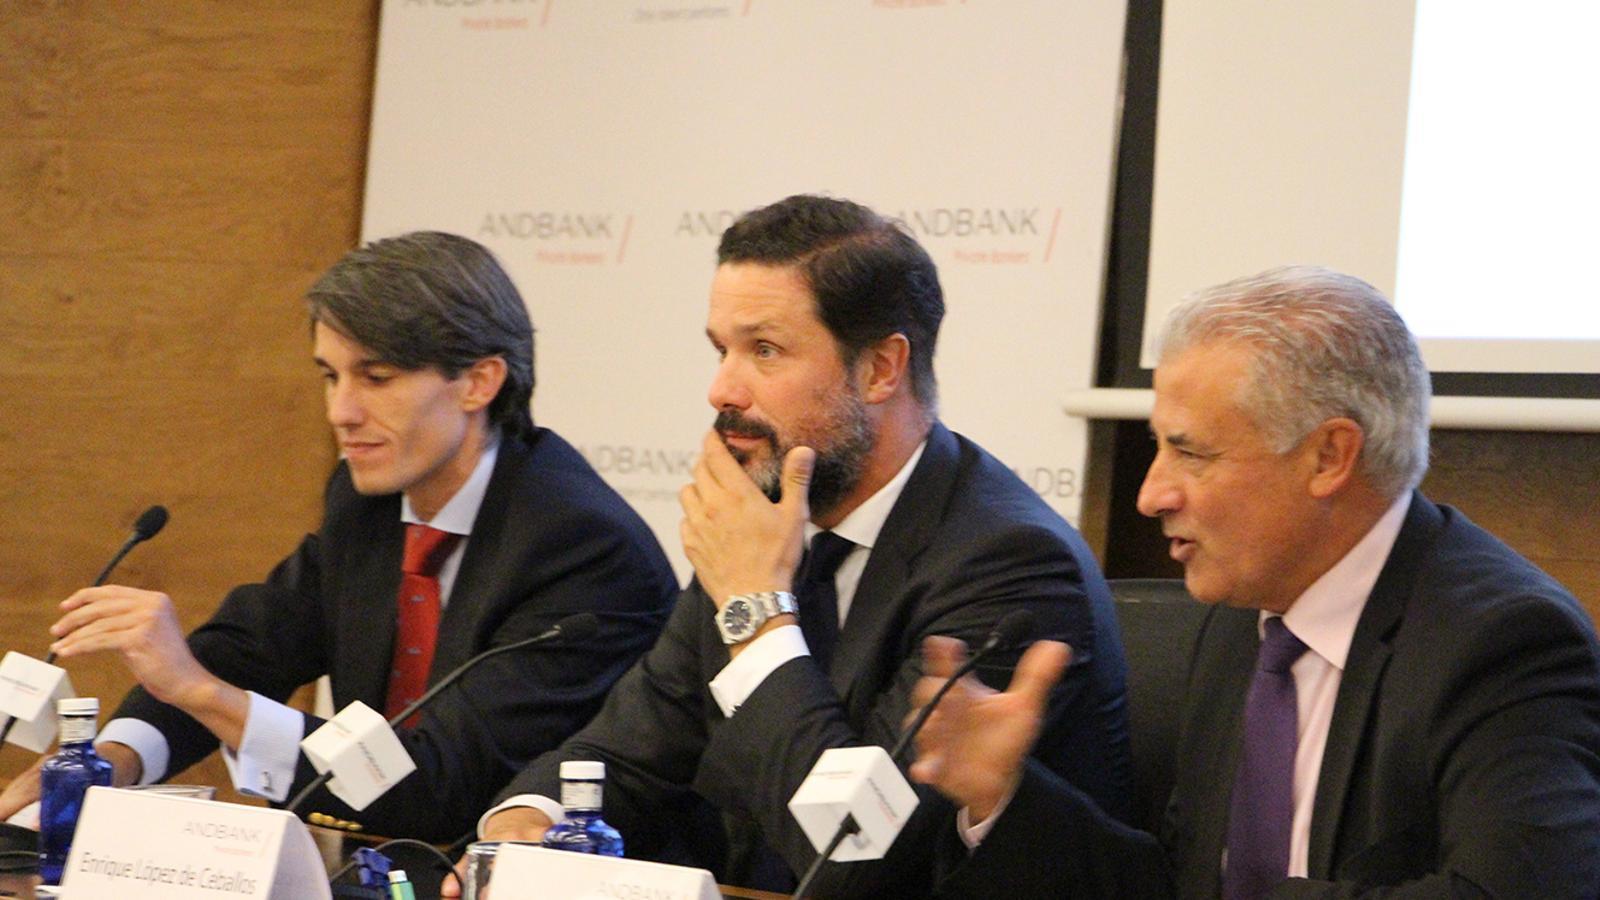 Els experts Fernando López Núñez, Enrique López Ceballos i el directiu d'Andbank Josep Maria Cabanes. / B.N. (ARA)